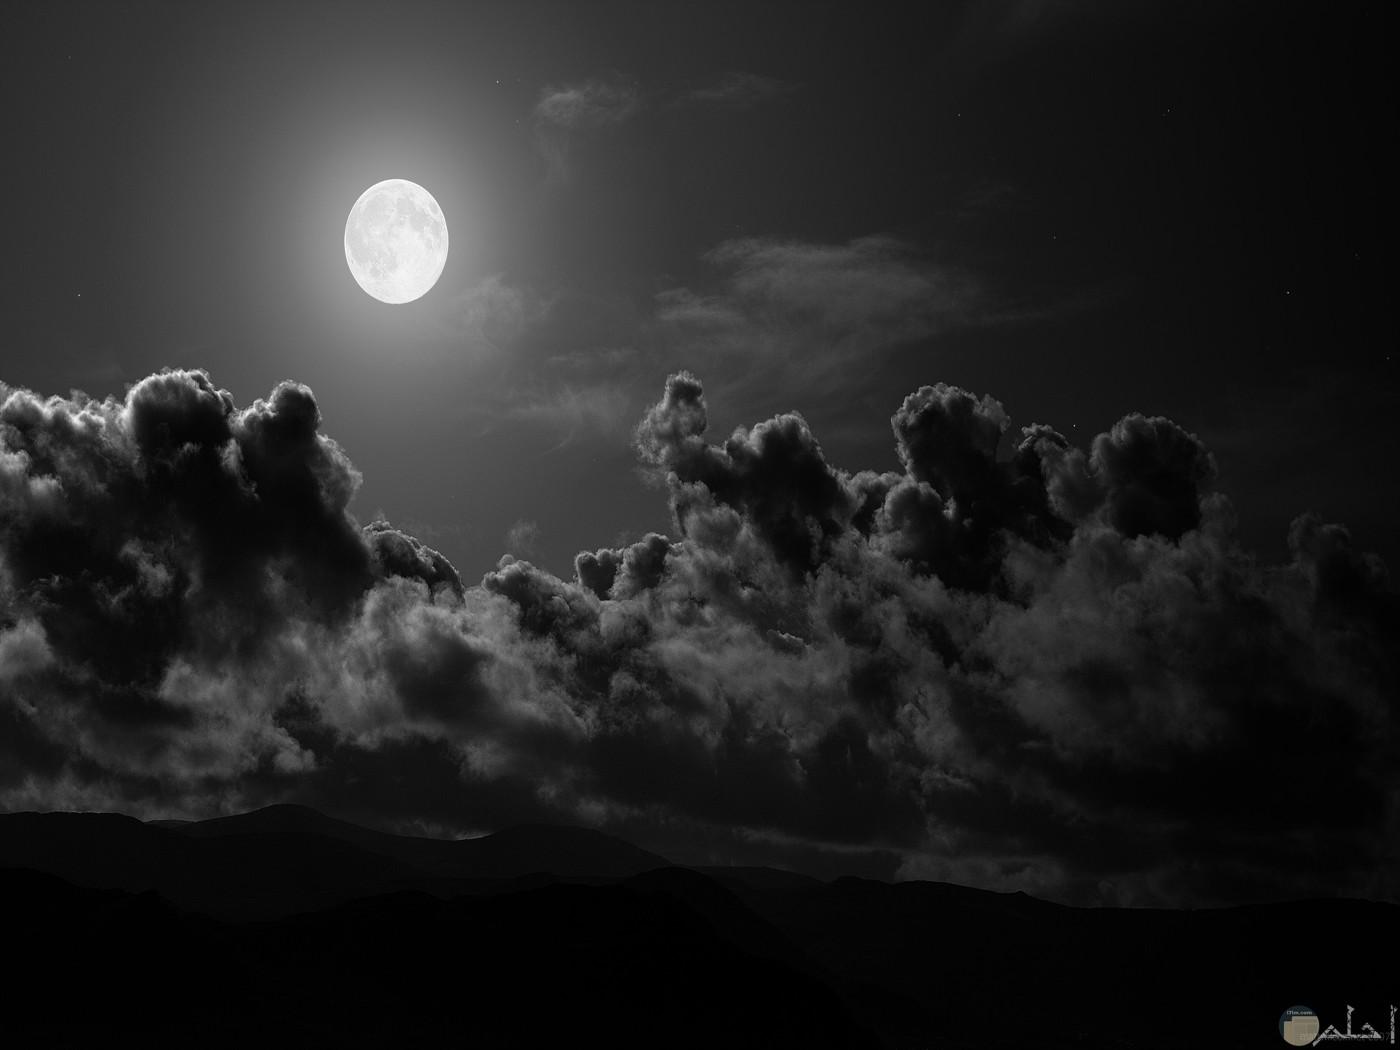 الليل و القمر خلفية رائعة.